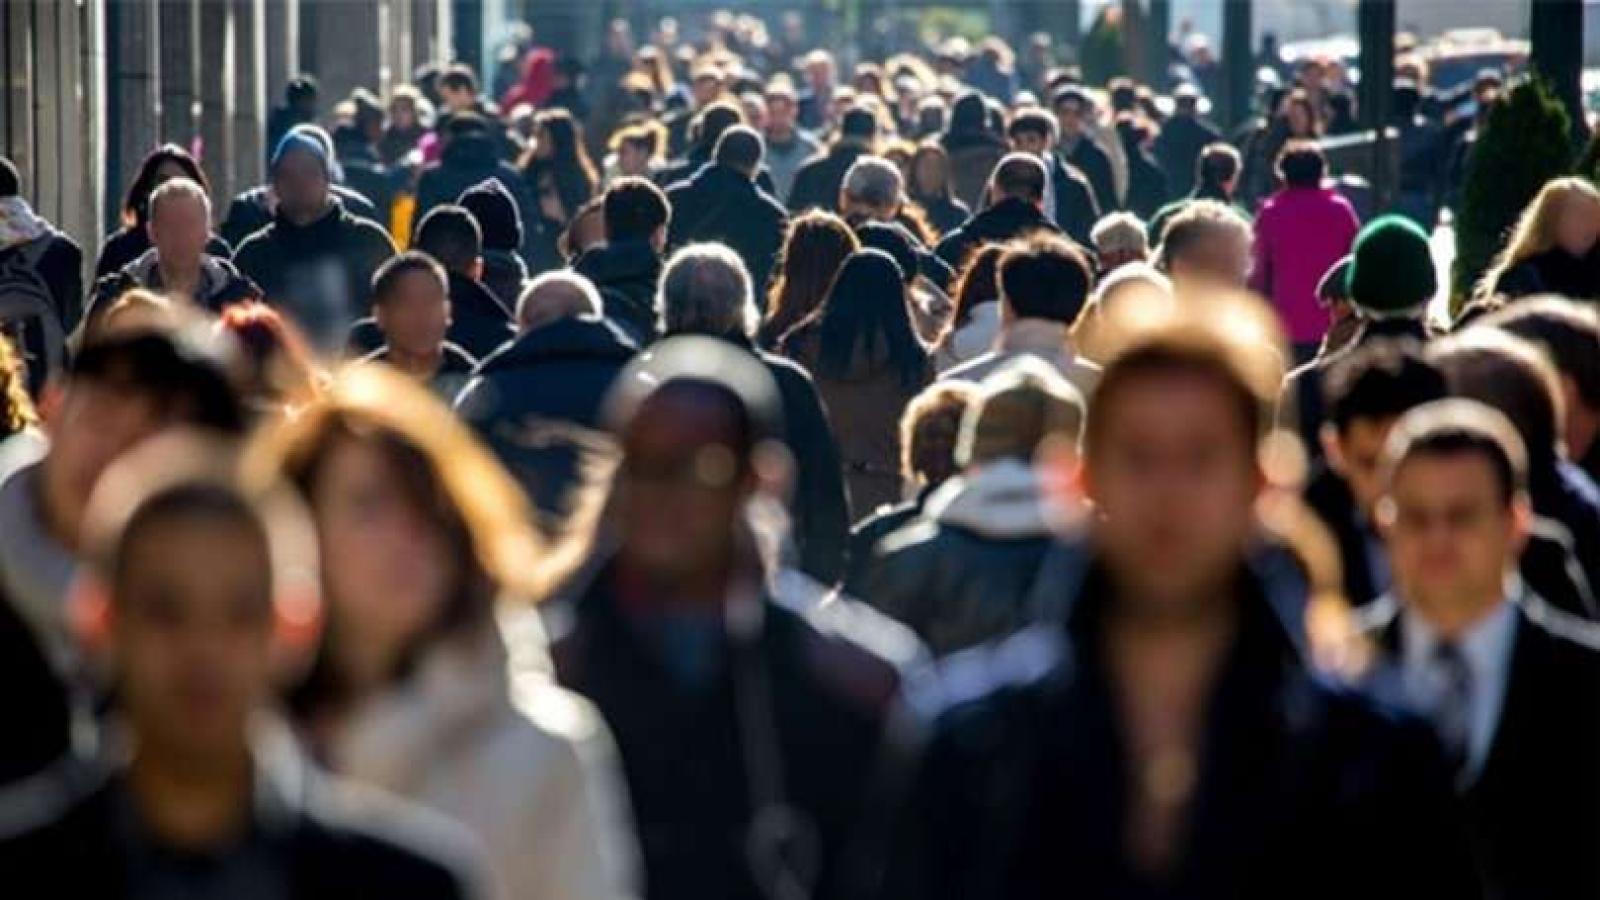 SON DAKİKA! TÜİK açıkladı: İşsizlik rakamları belli oldu!